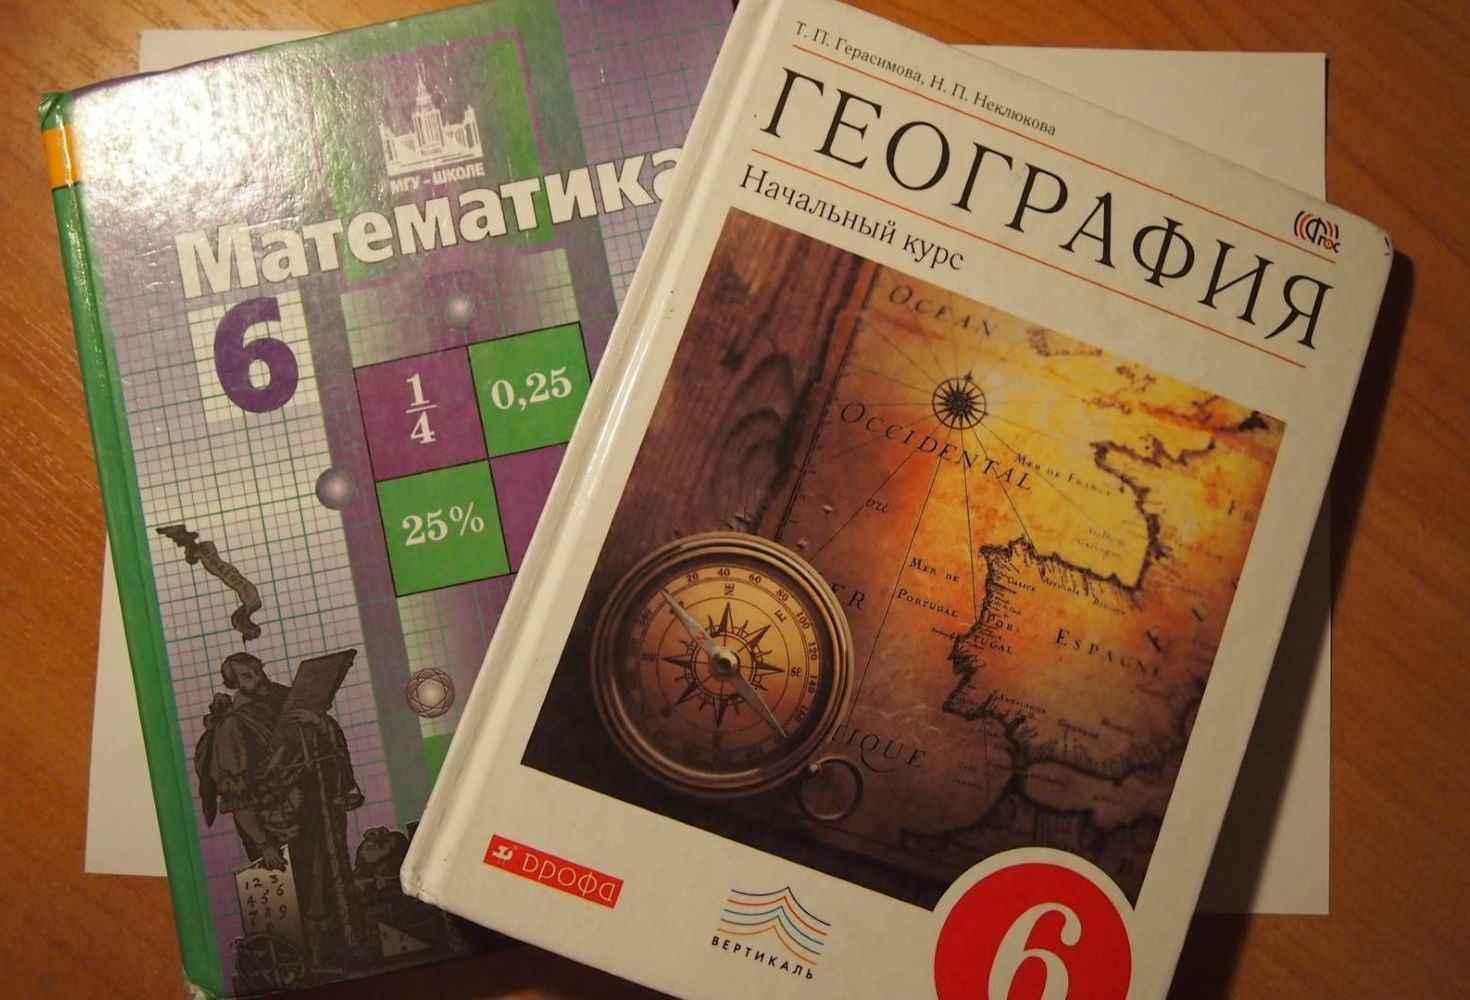 rossijskij-uchebnik-sokrashhenie-federalnogo-perechnya-uchebnikov-mozhet-privesti-k-snizheniyu-kachestva-obrazovaniya